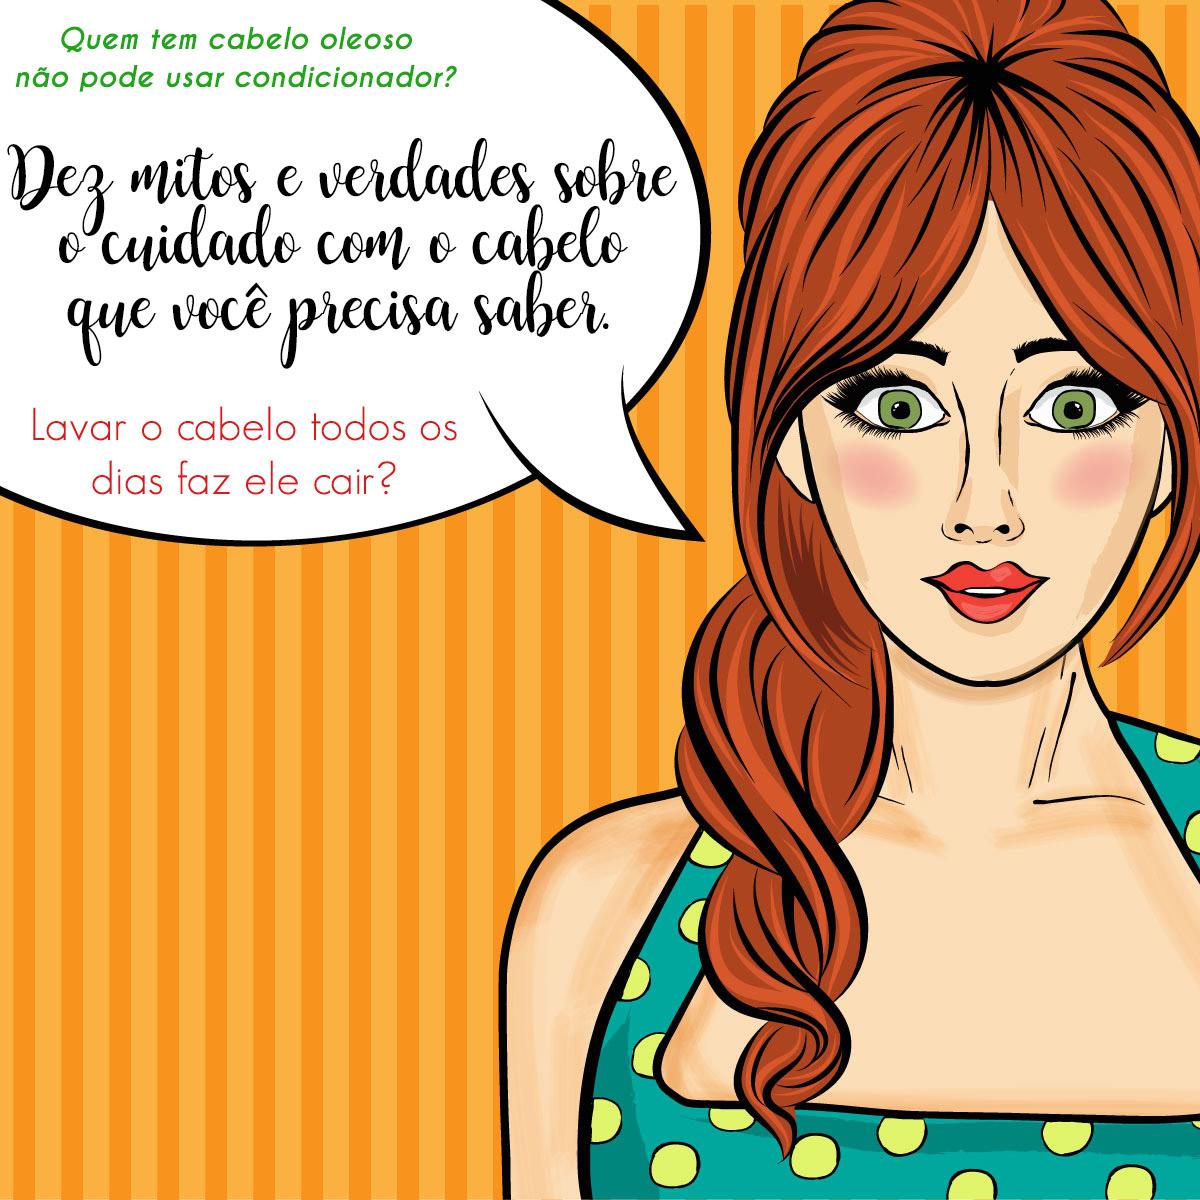 dez mitos e verdades sobre o cuidados com o cabelo que você precisa saber _ Mamãe de Salto